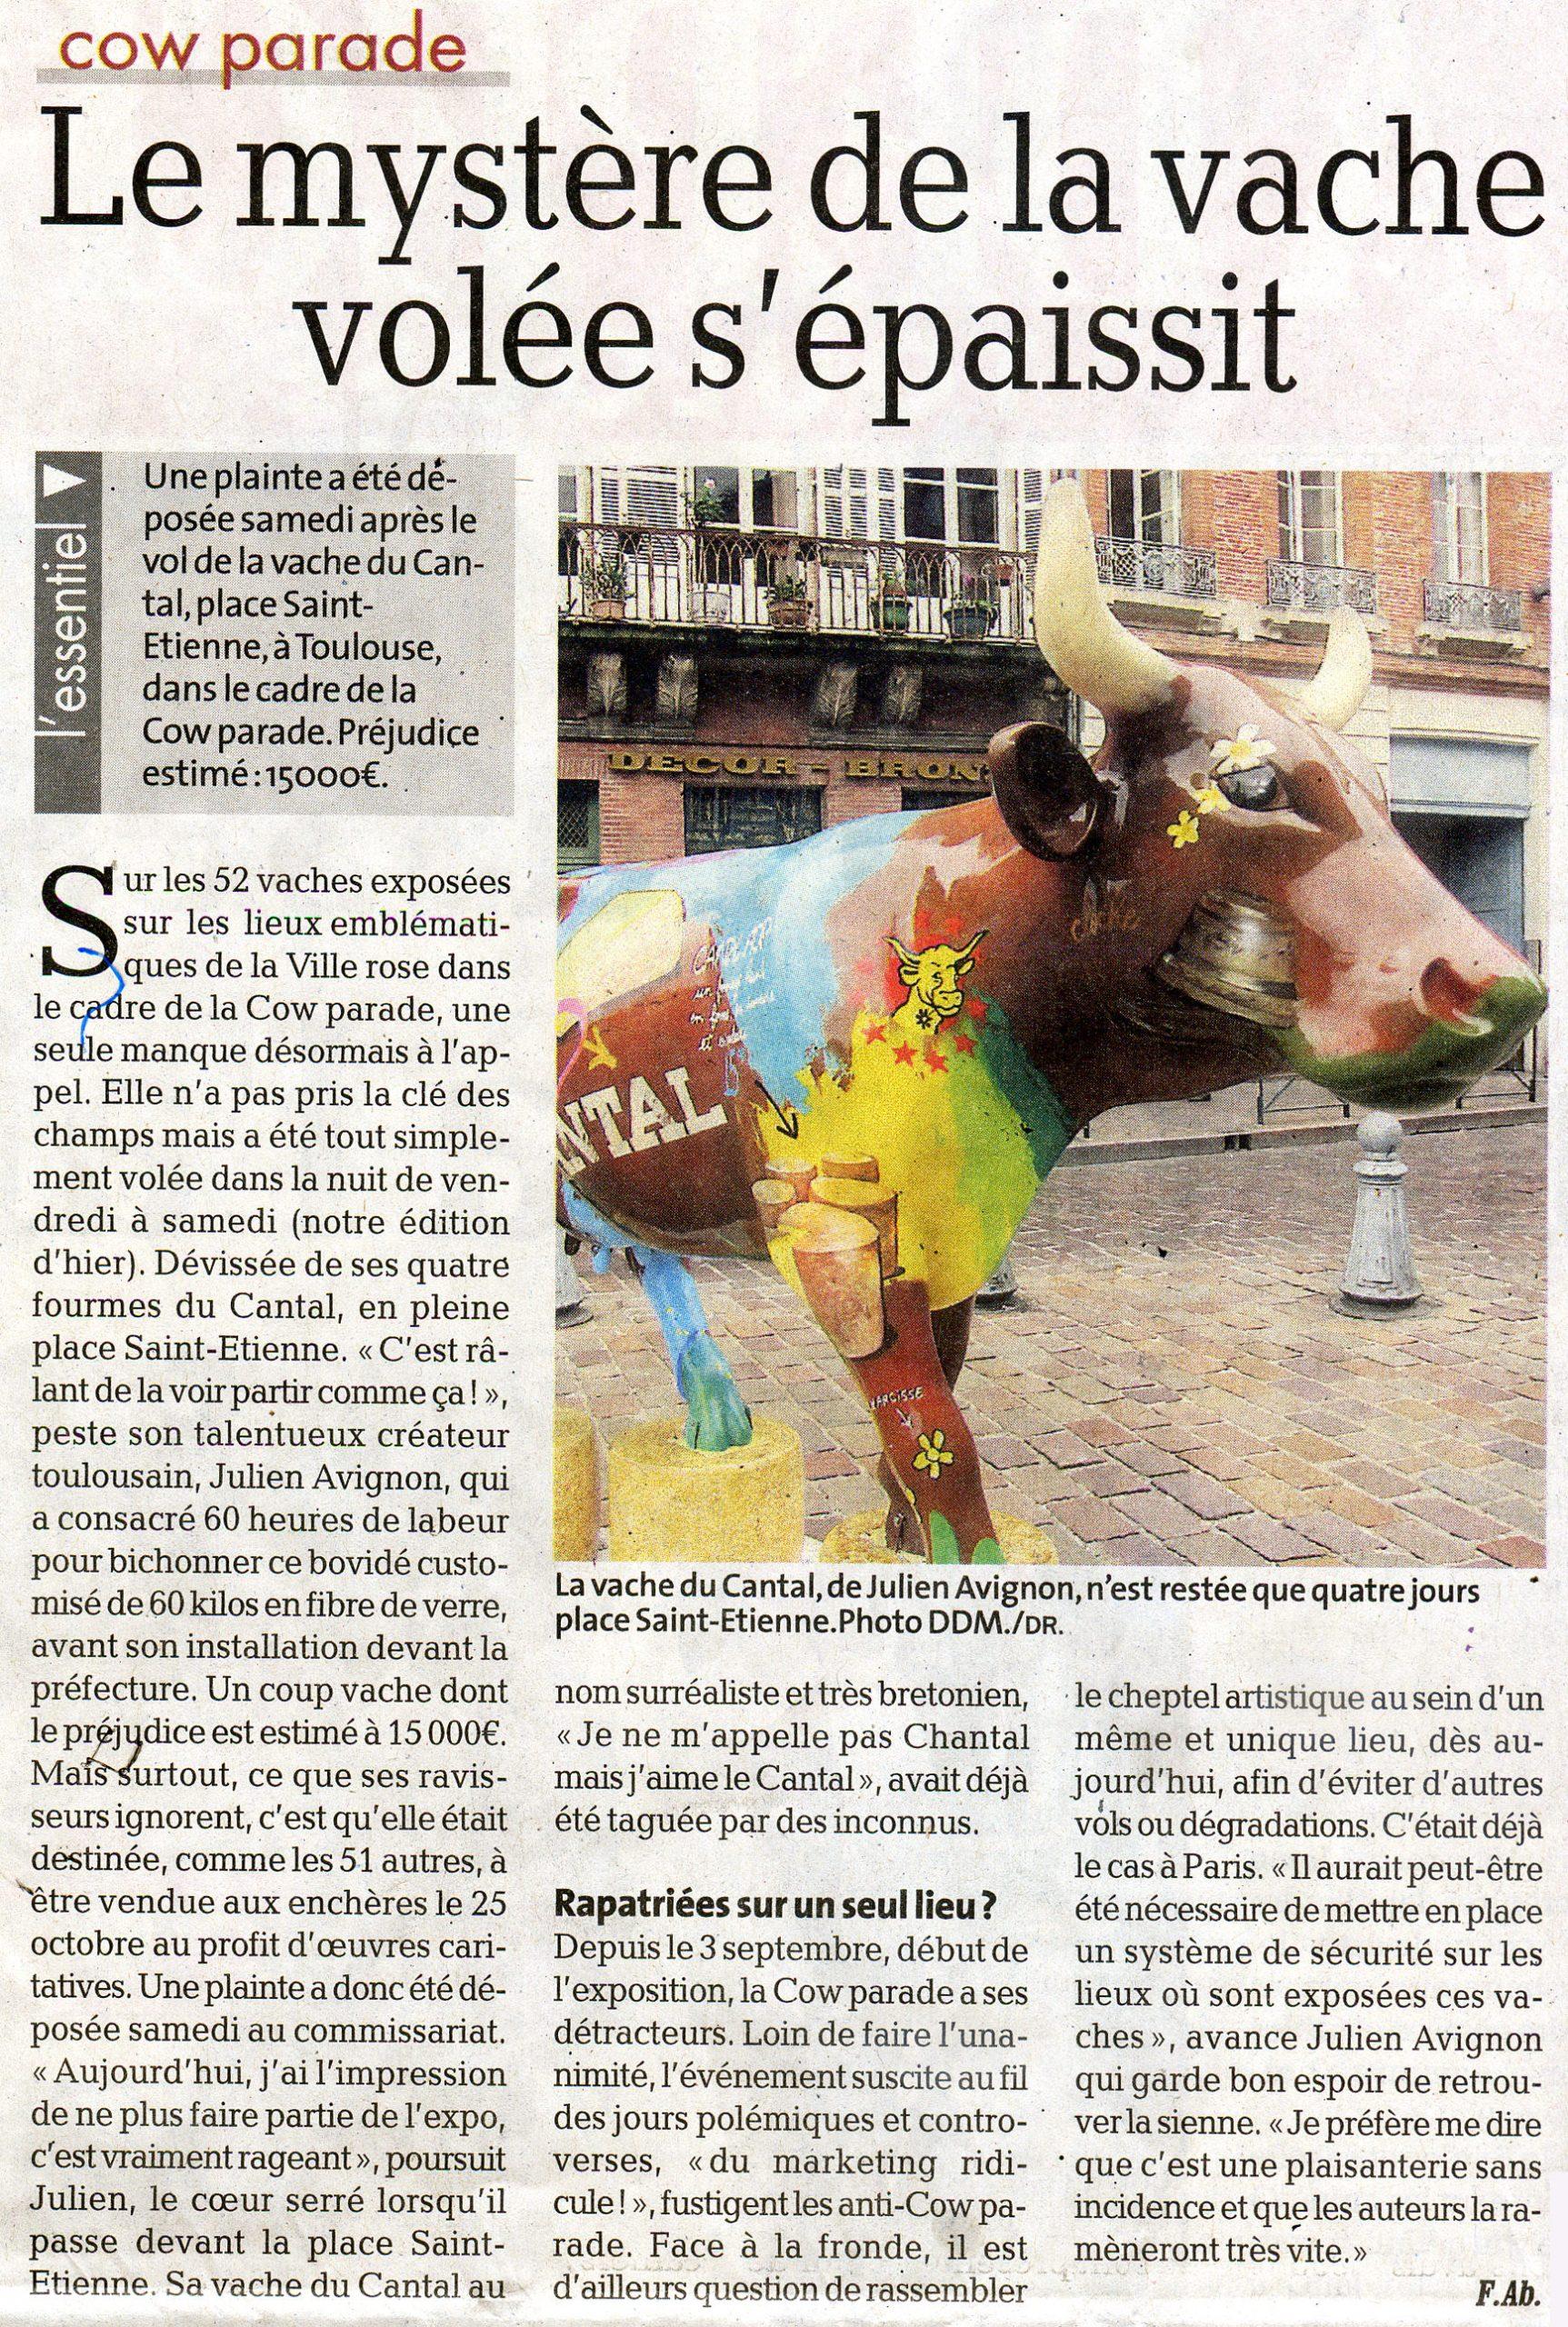 Article presseDDM vache volée